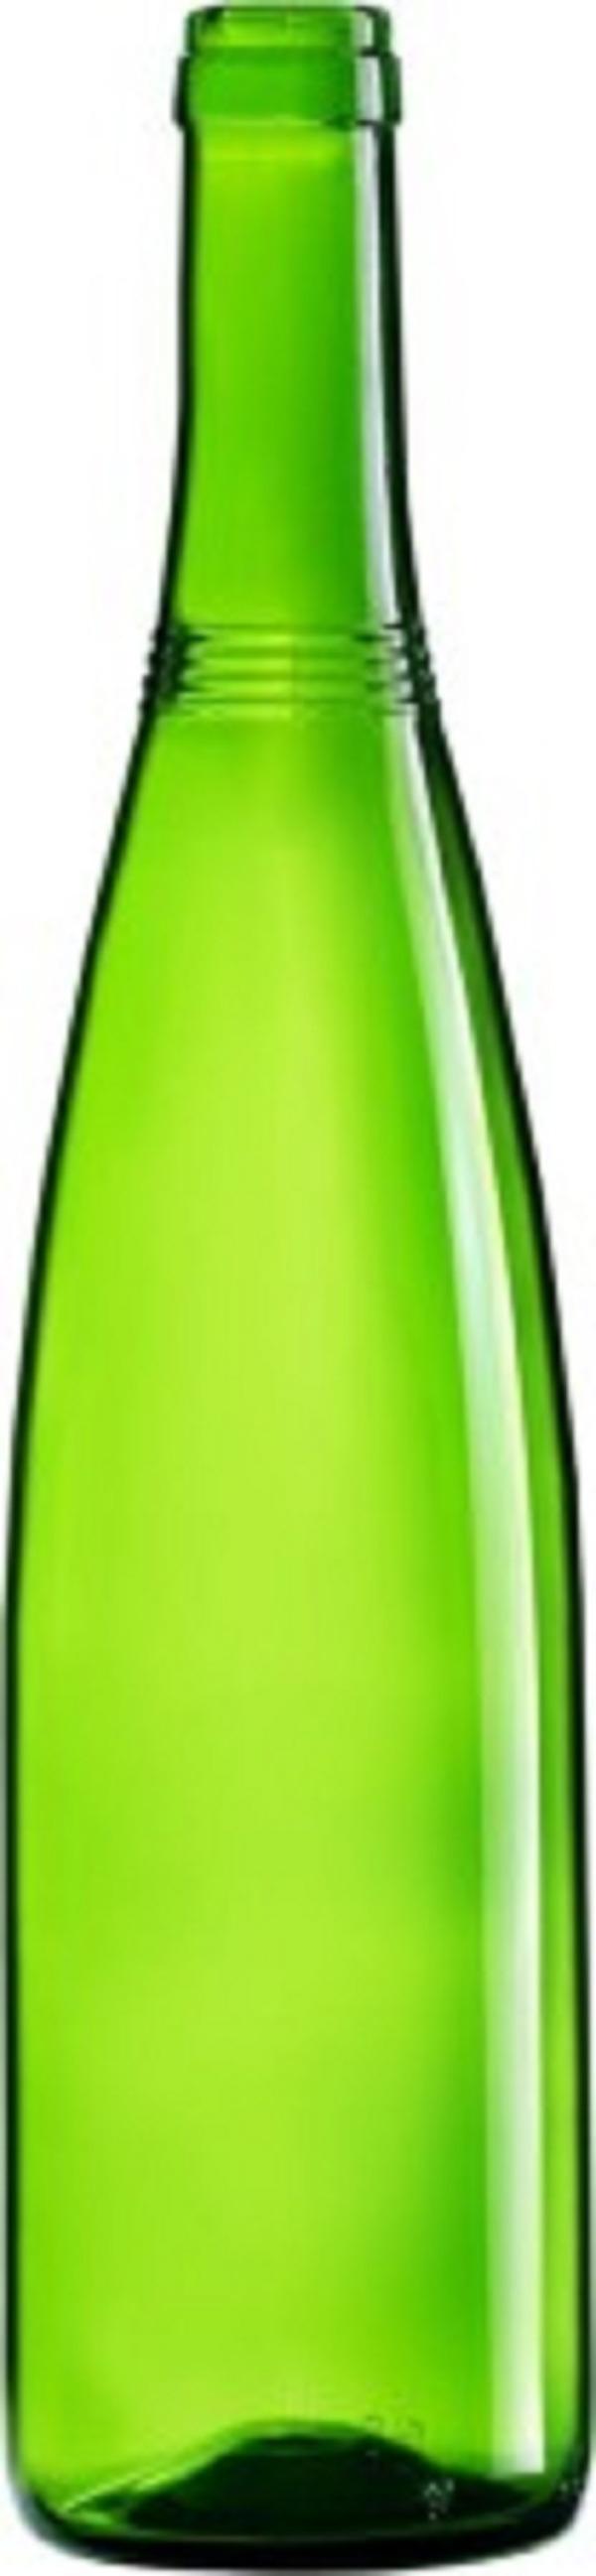 Recyclage, Récupe & Don d'objet : 20 bouteilles (vides) muscadet